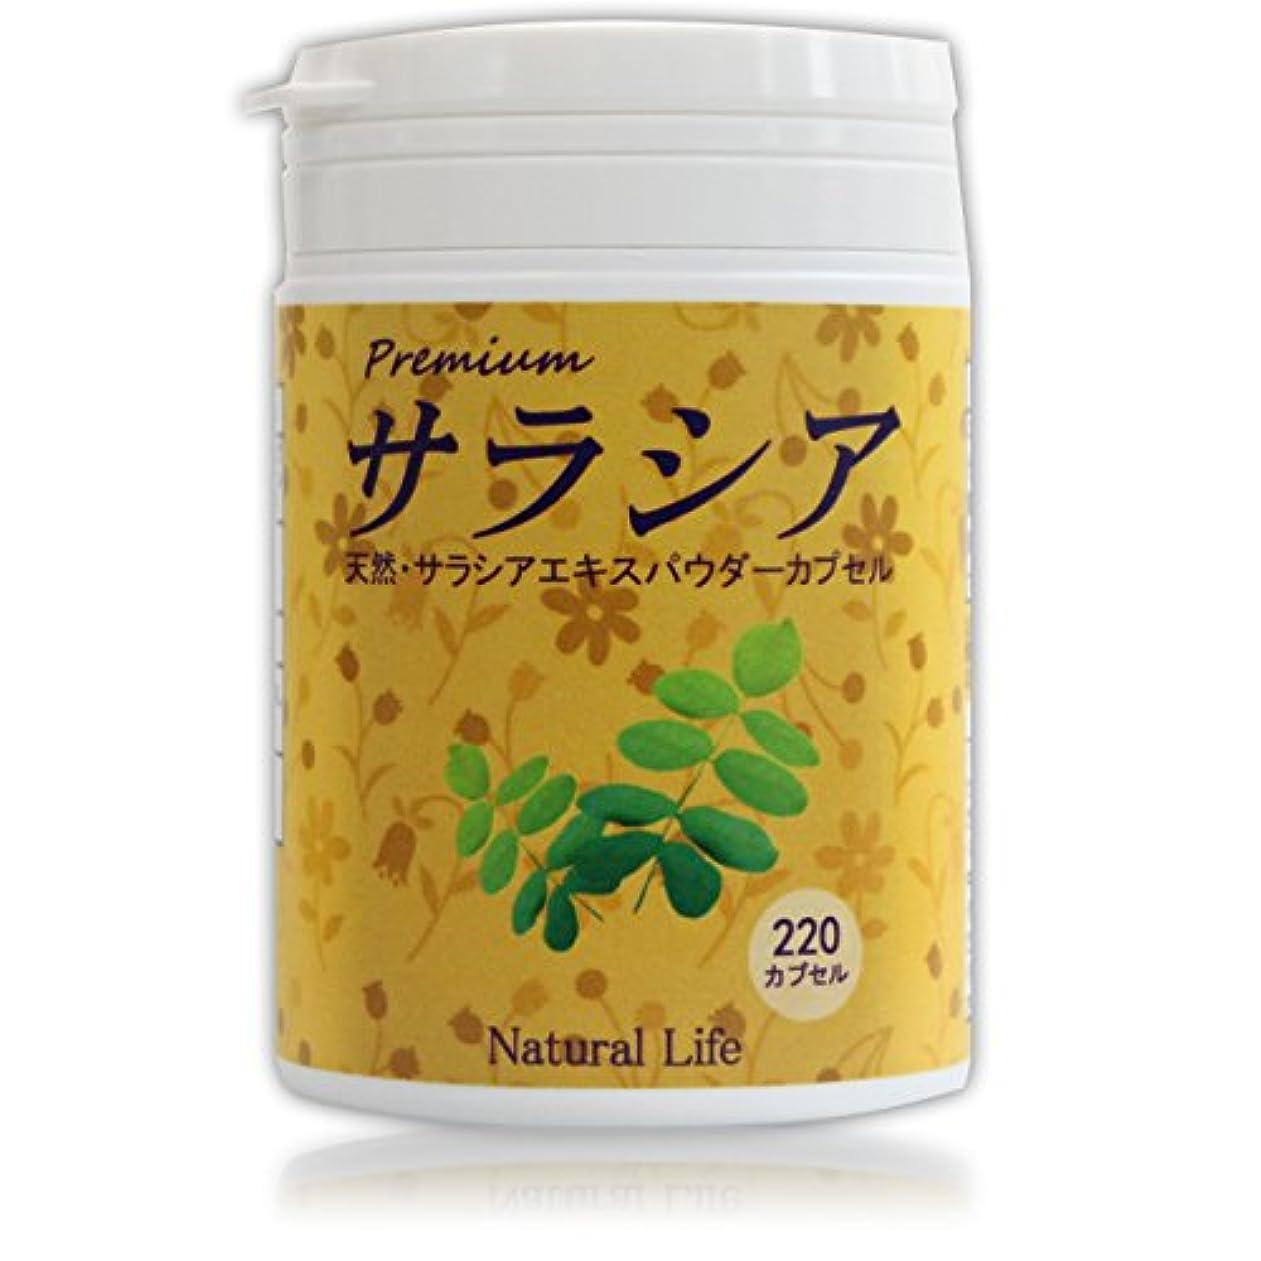 細菌隣接する姪サラシアカプセル[220粒]天然ピュア原料(無添加) 健康食品(サラシア,さらしあ)